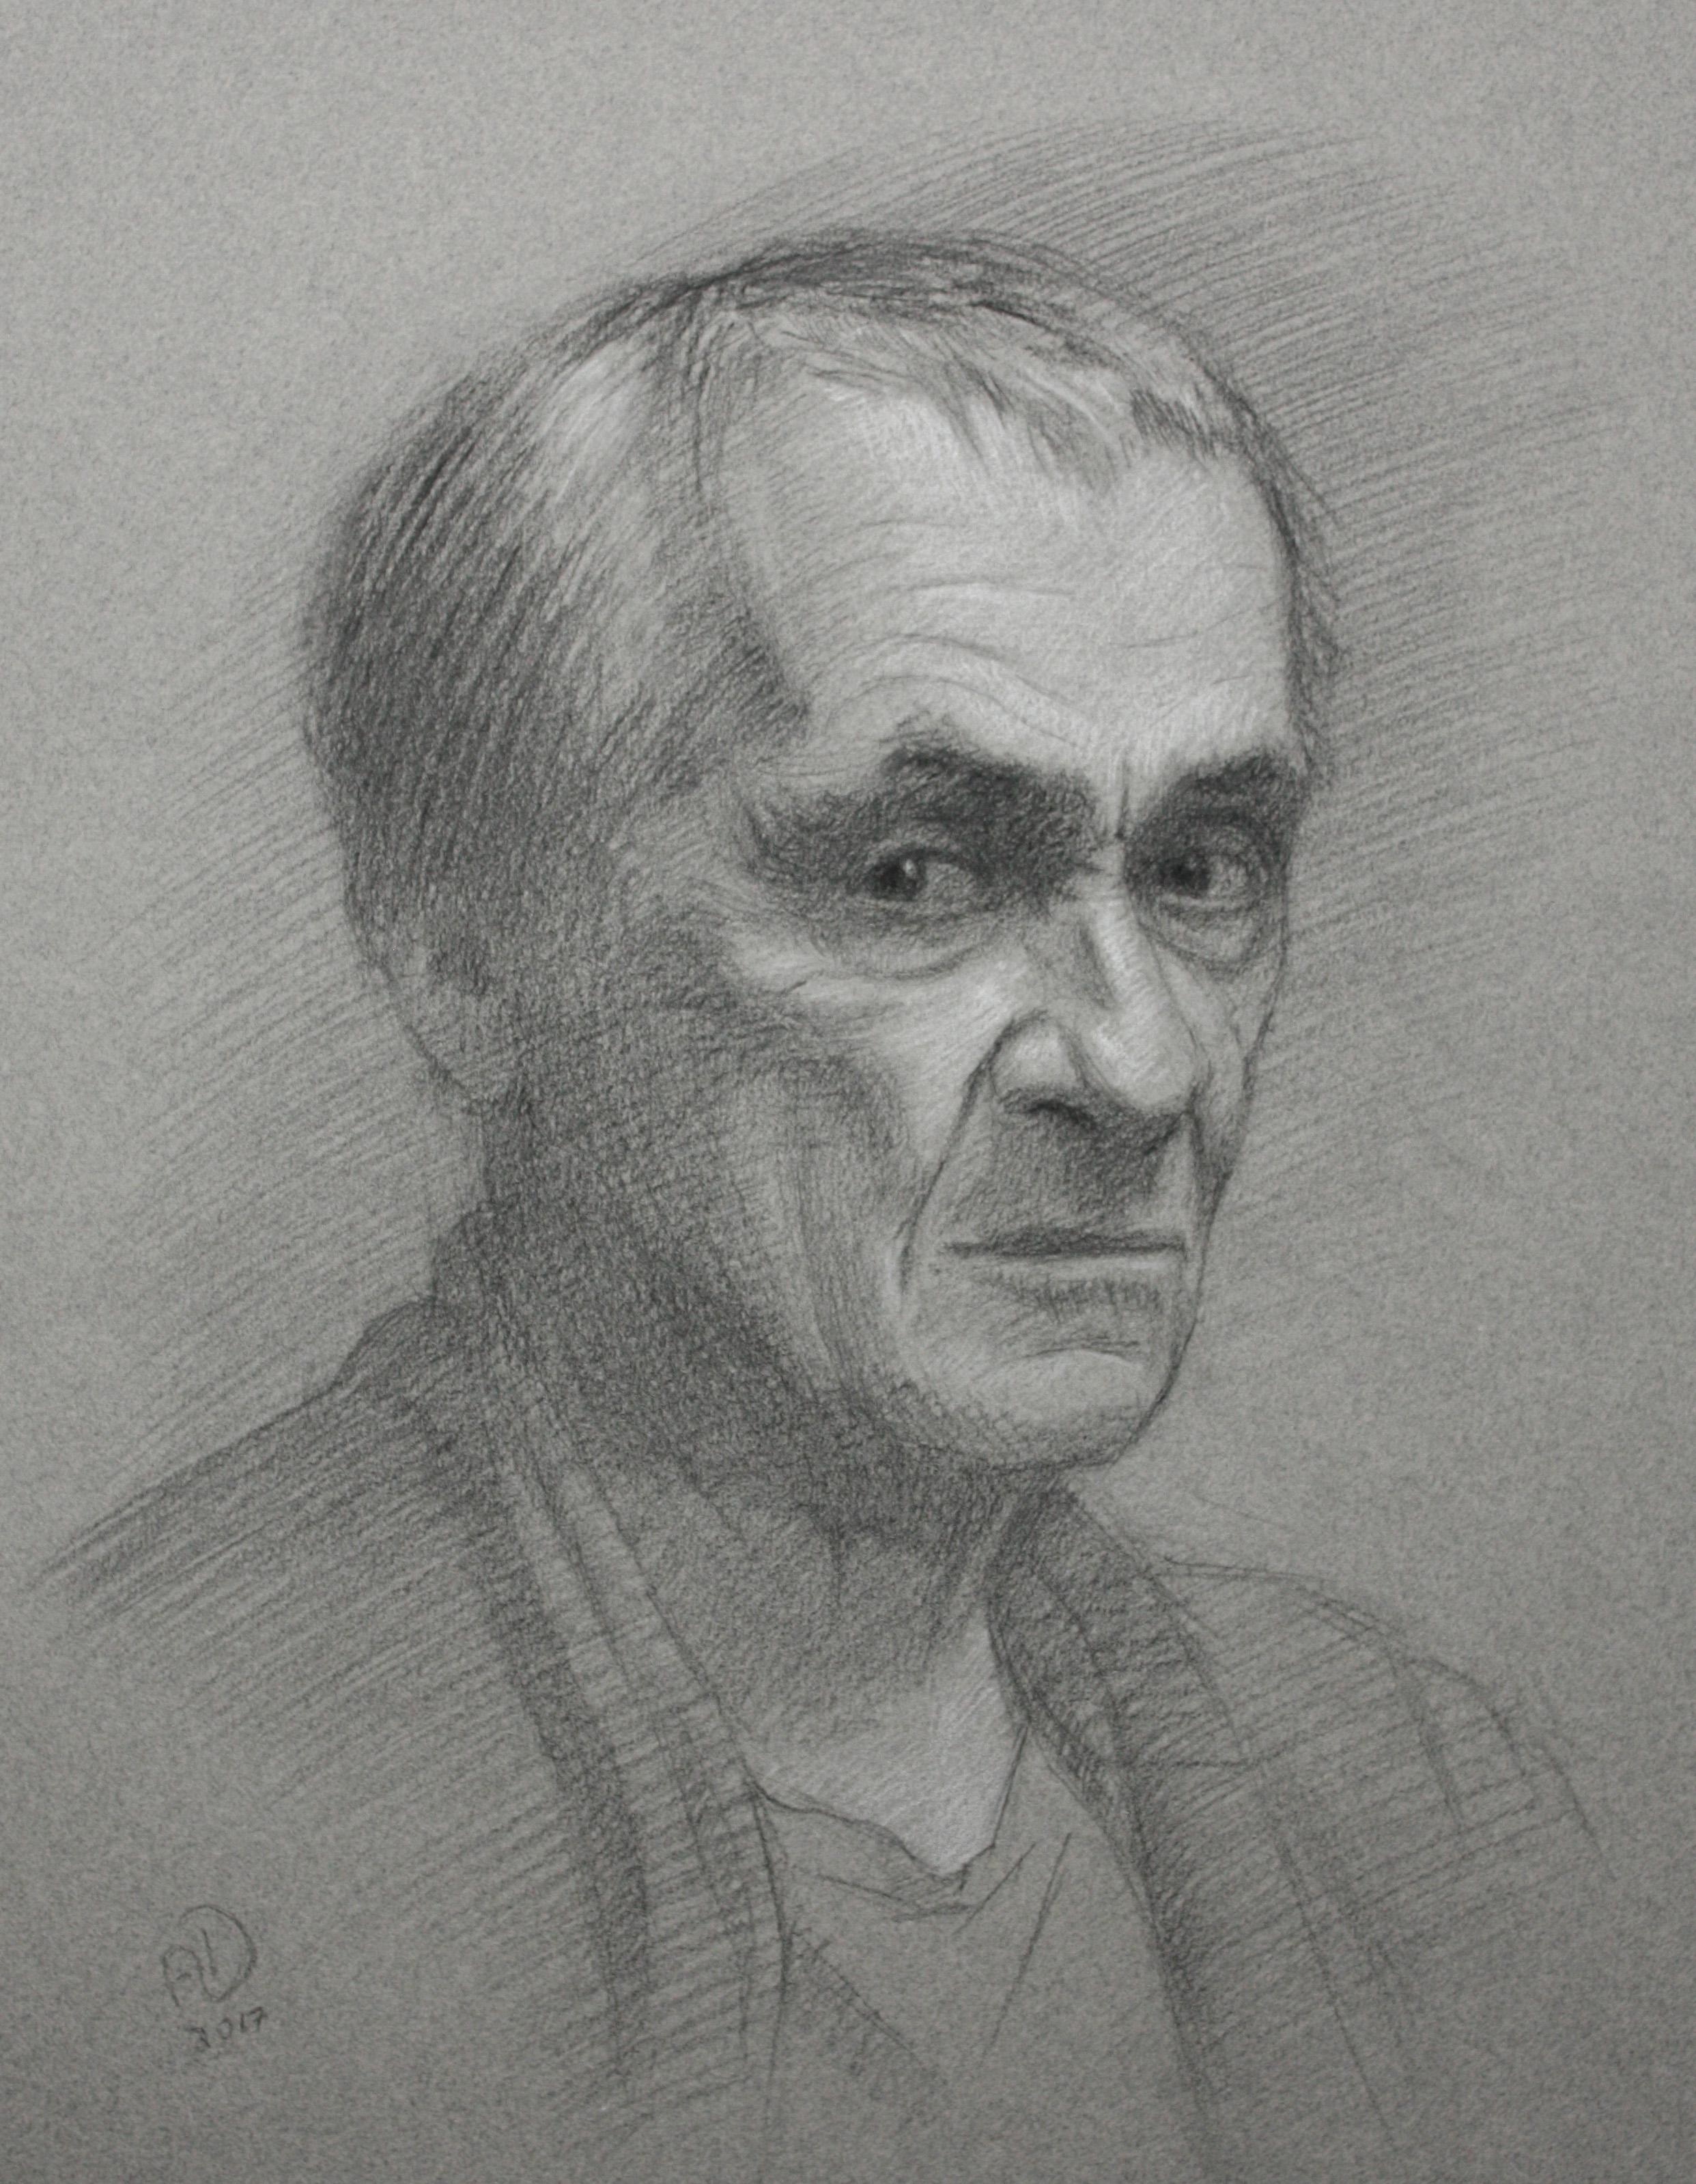 drawing, portrait, chalk, pencil, paper